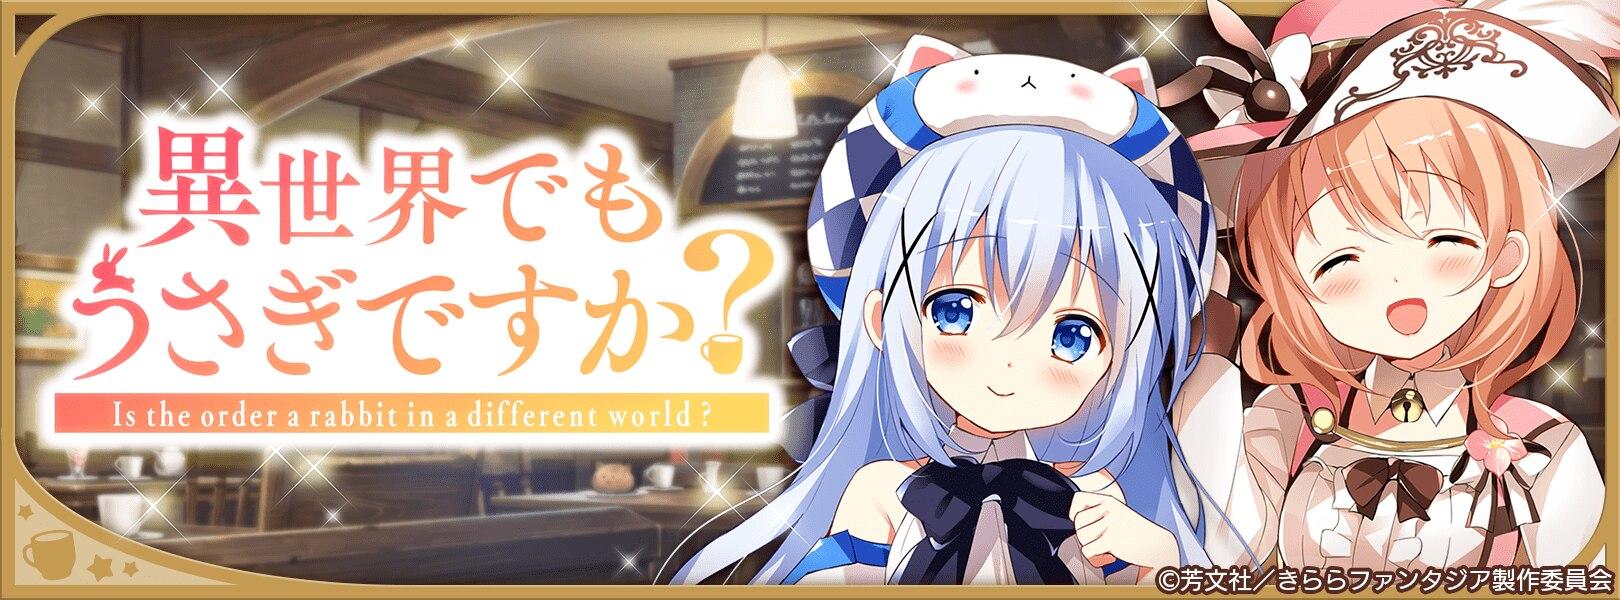 InfoBanner_usagi_prjn4